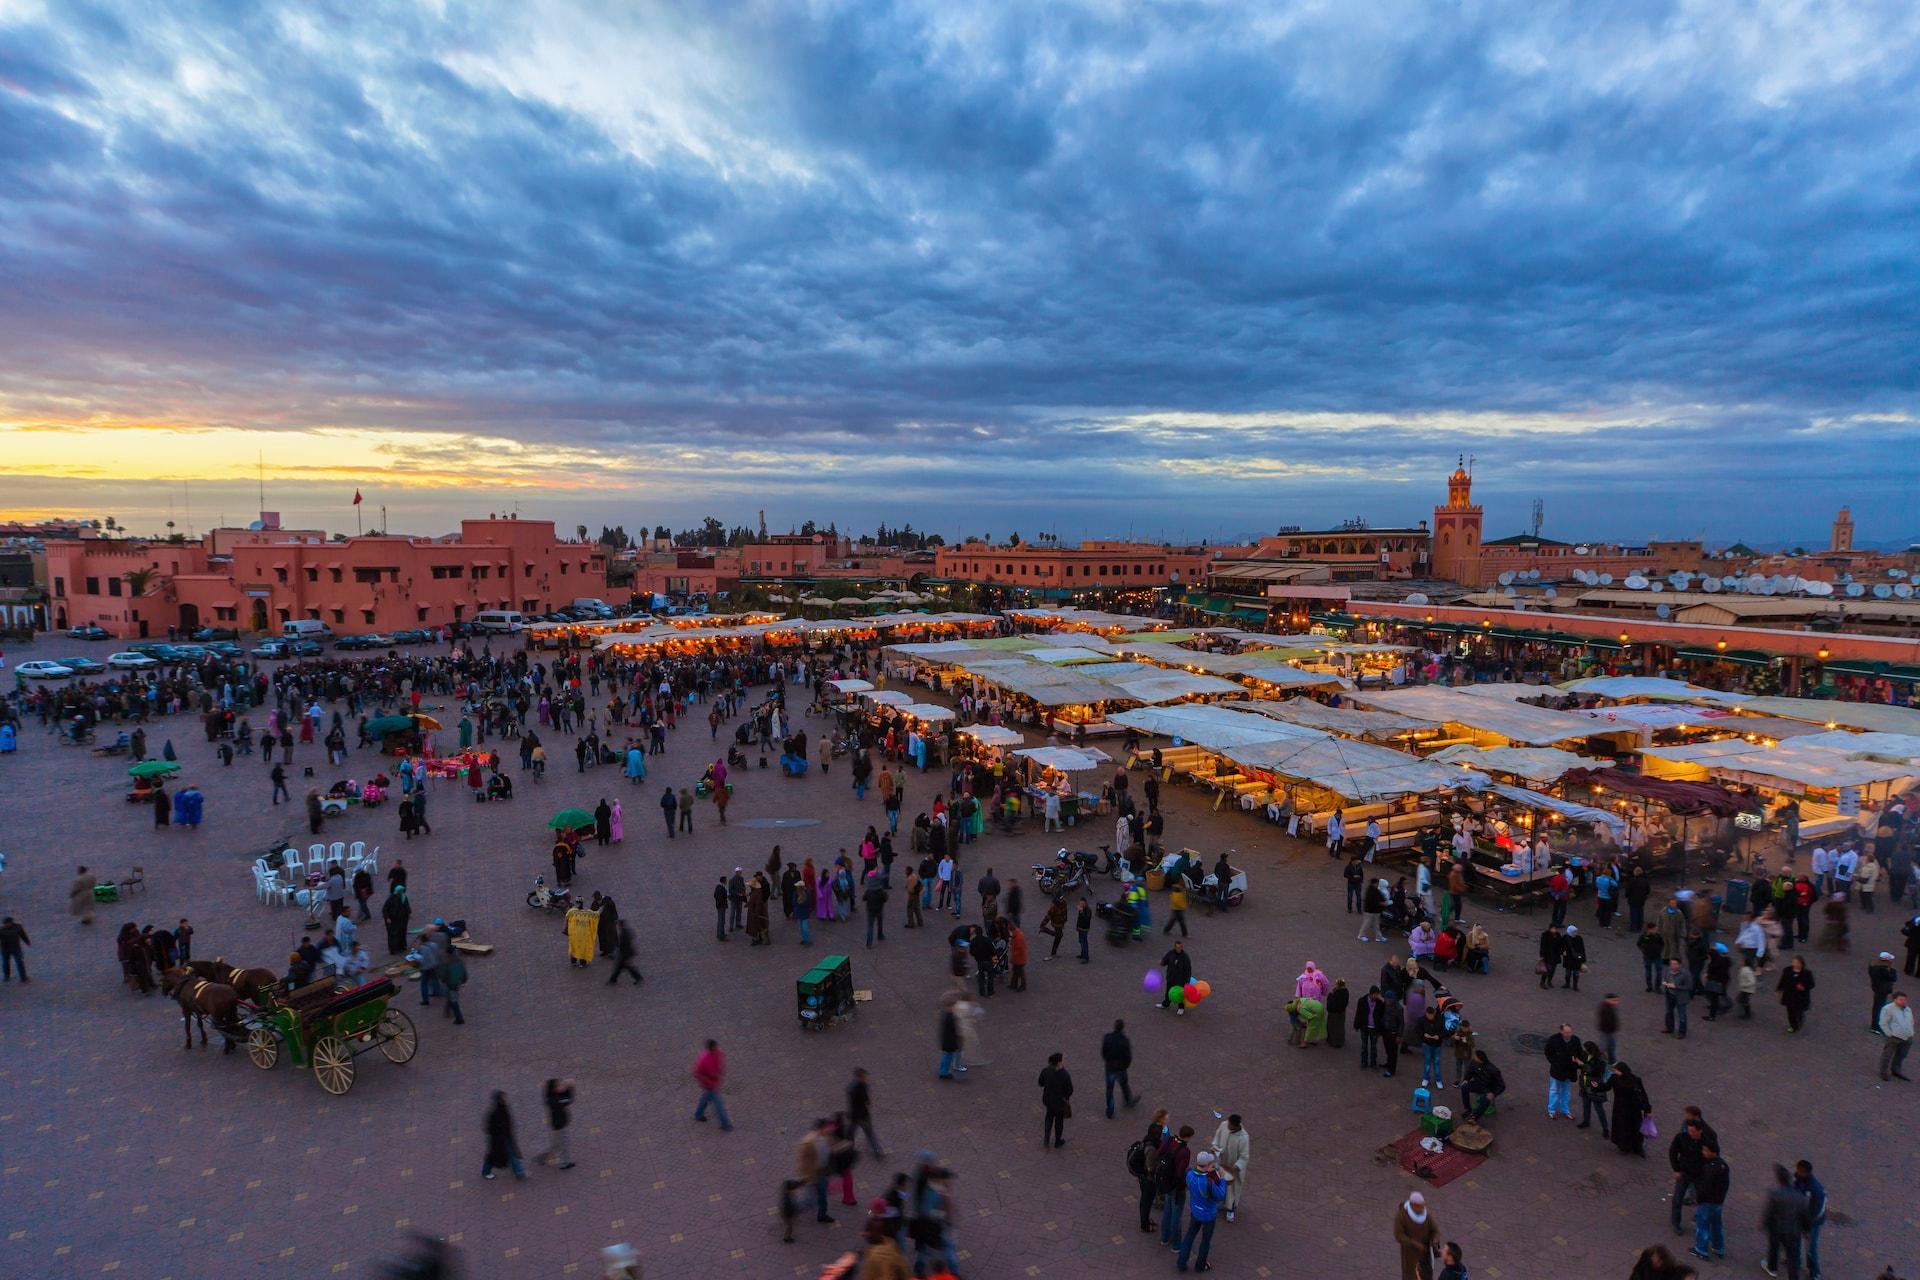 bazaar marketplace